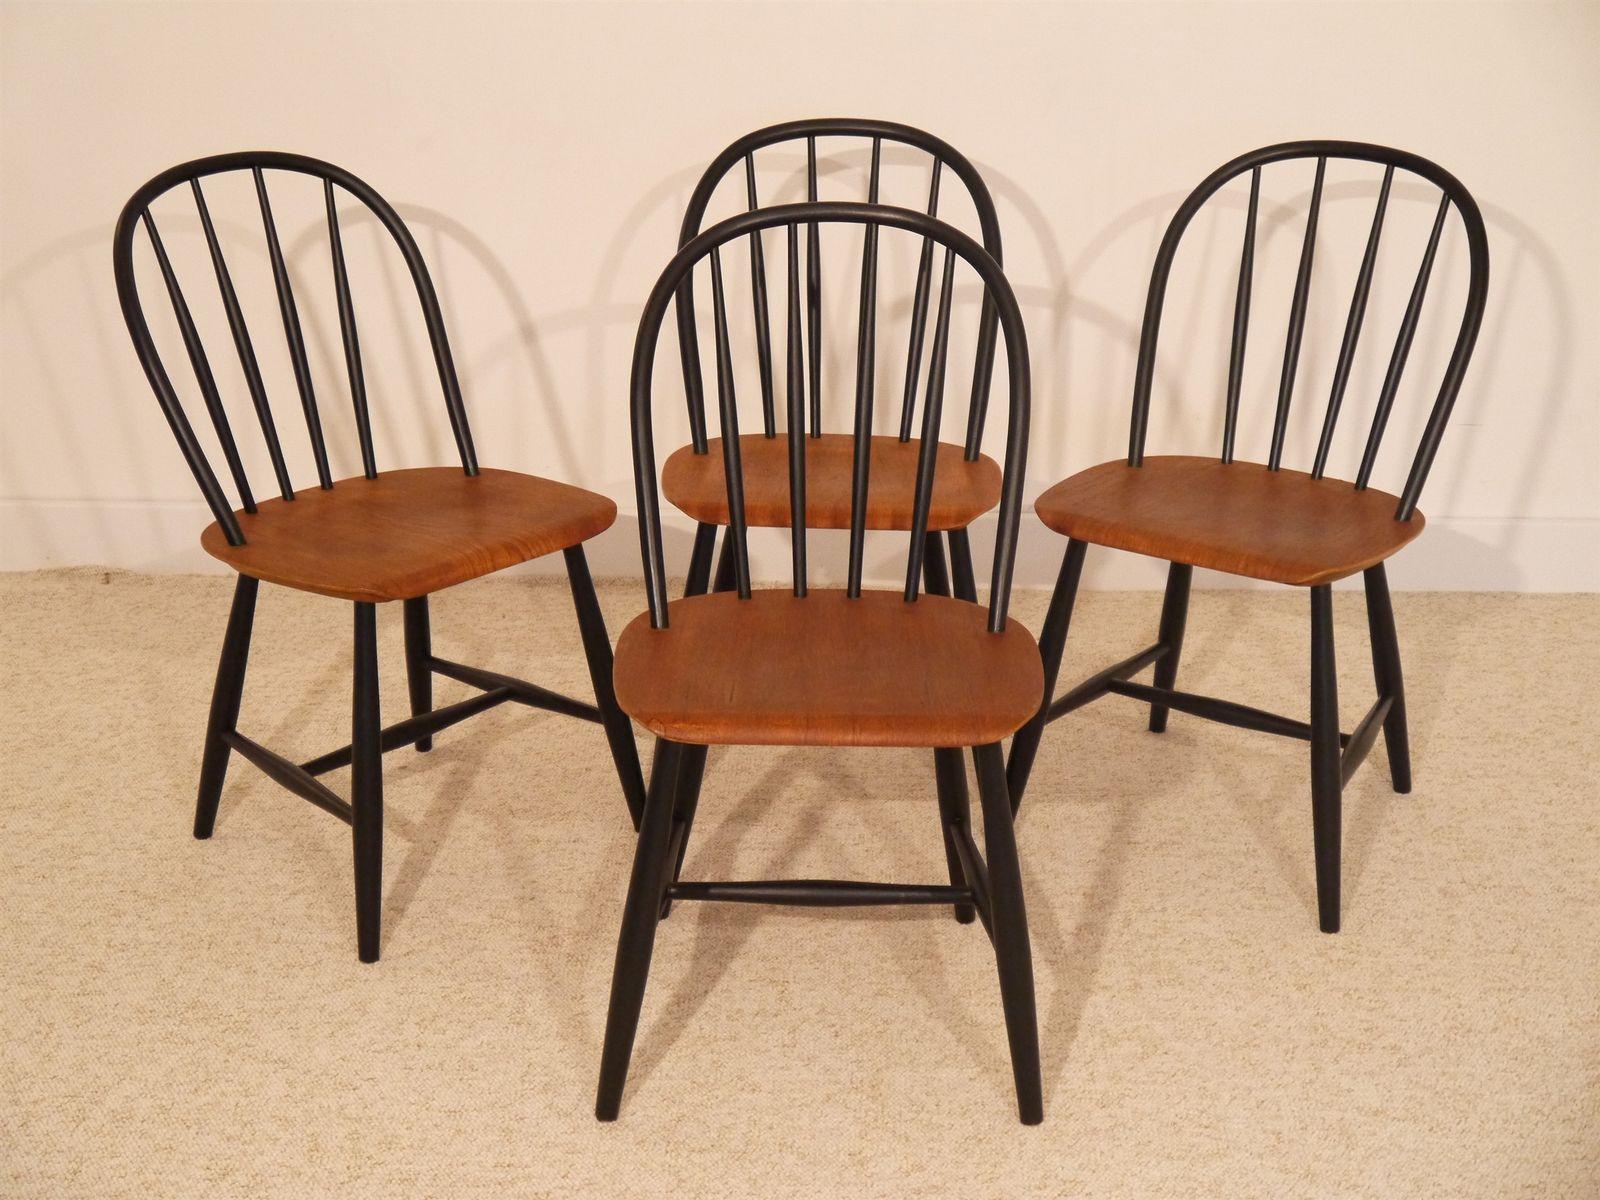 schwedische st hle von nesto 1960er 4er set bei pamono kaufen. Black Bedroom Furniture Sets. Home Design Ideas